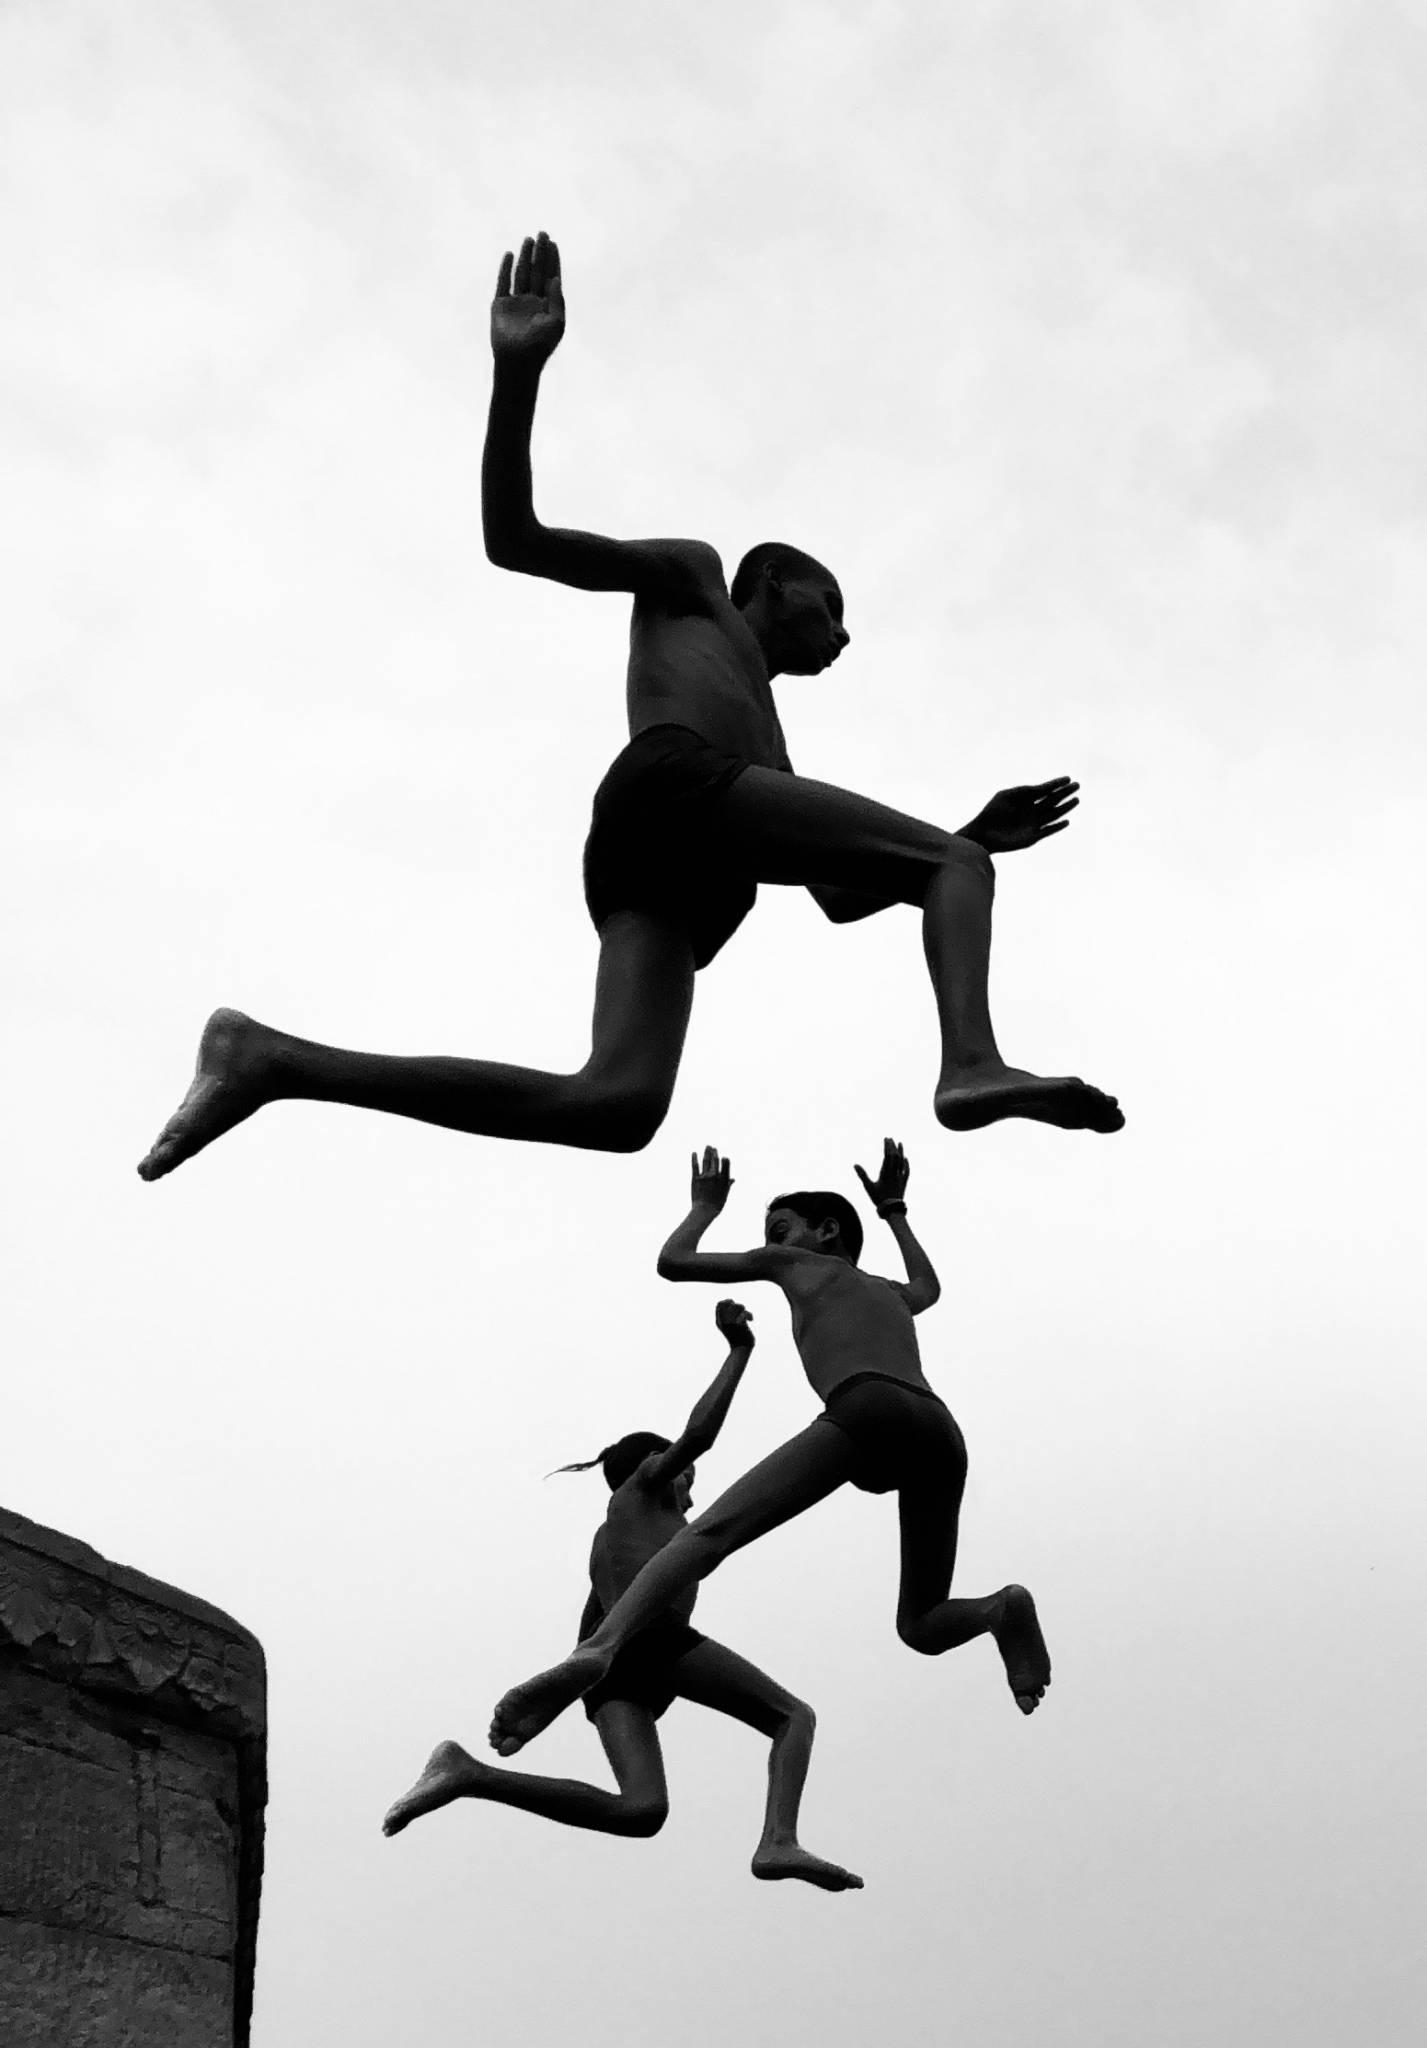 """Olśniewające prace zwycięzców konkursu fotograficznego """"Movement"""" International Photography Awards"""